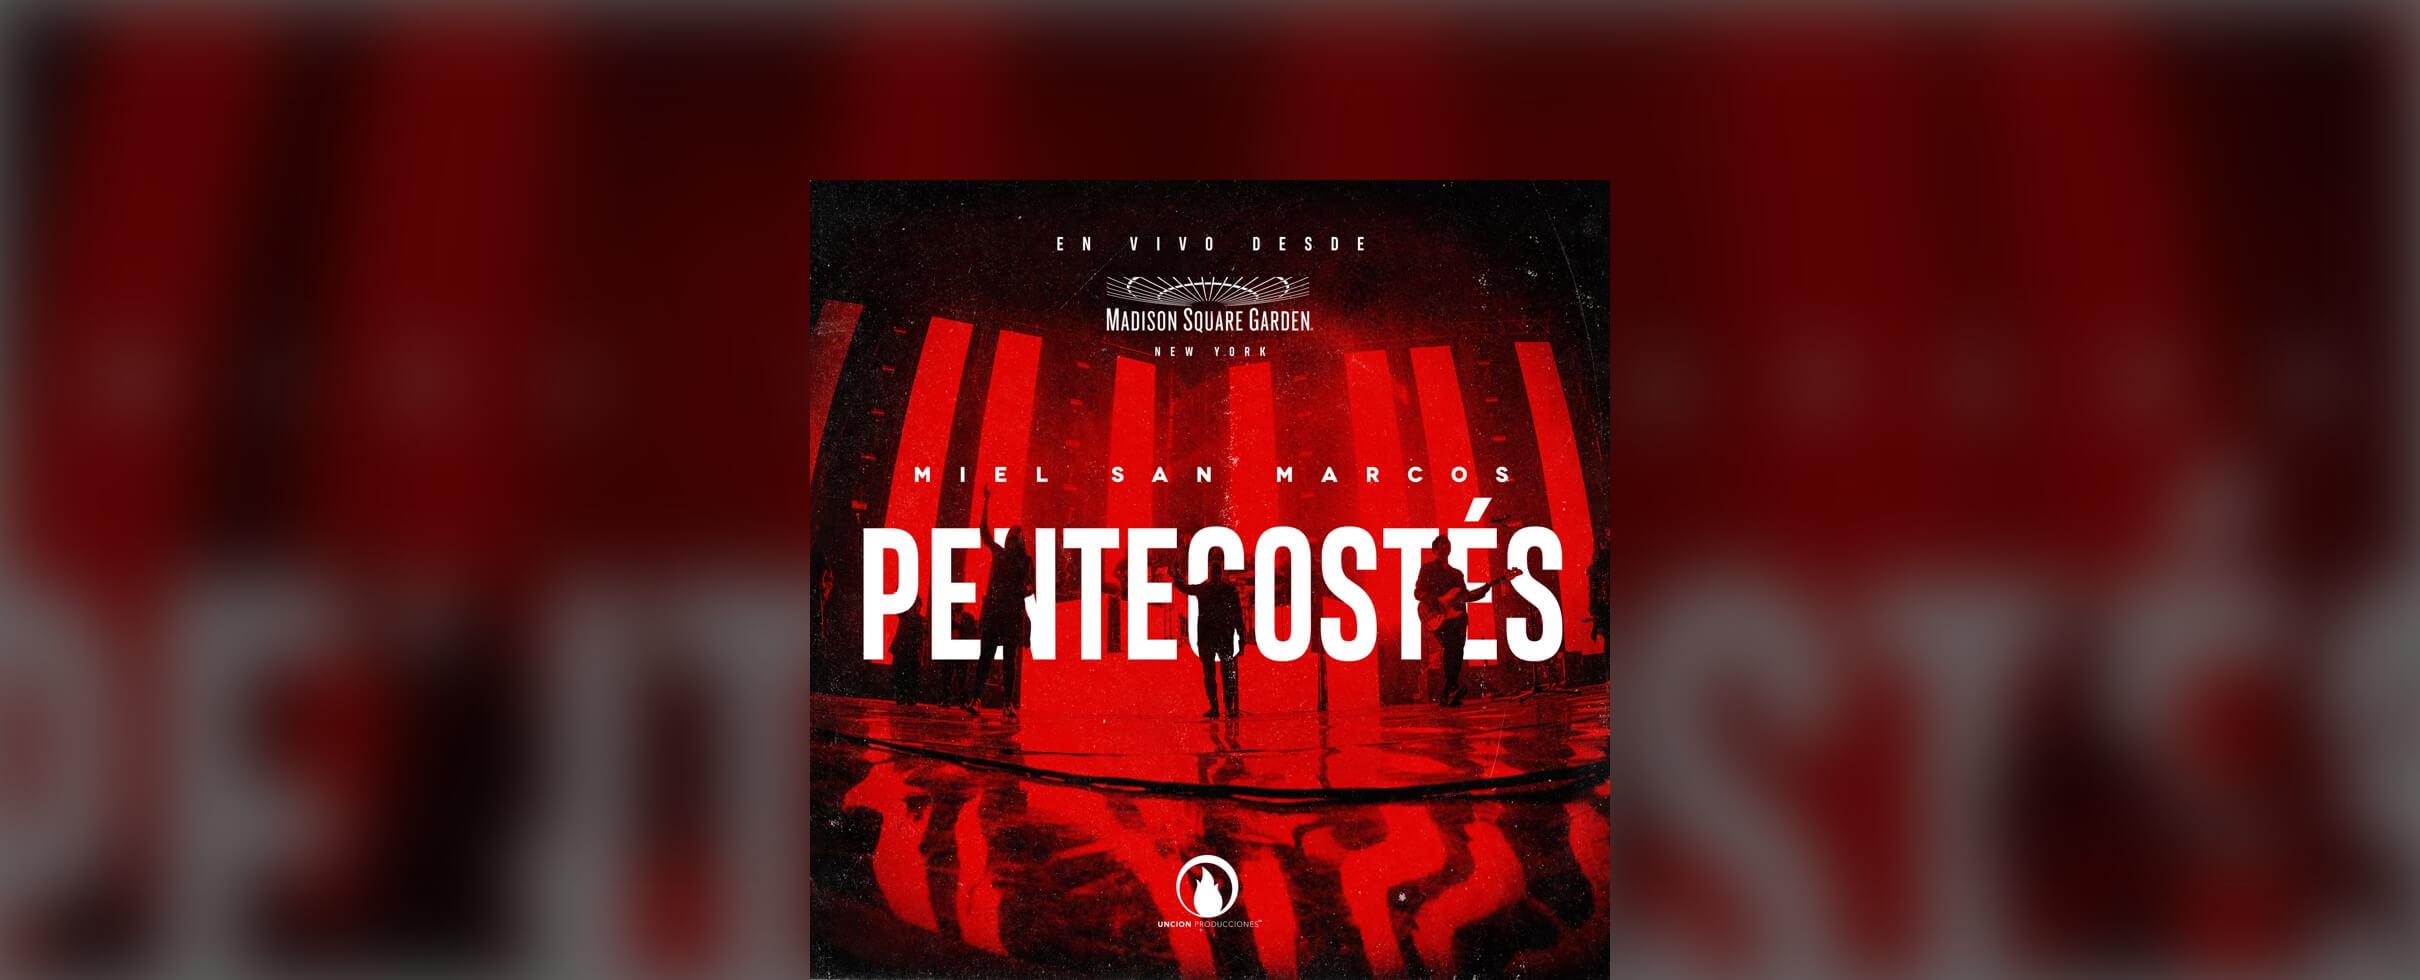 <h1>Secuencias de</h1> <strong>Pentecostés</strong>